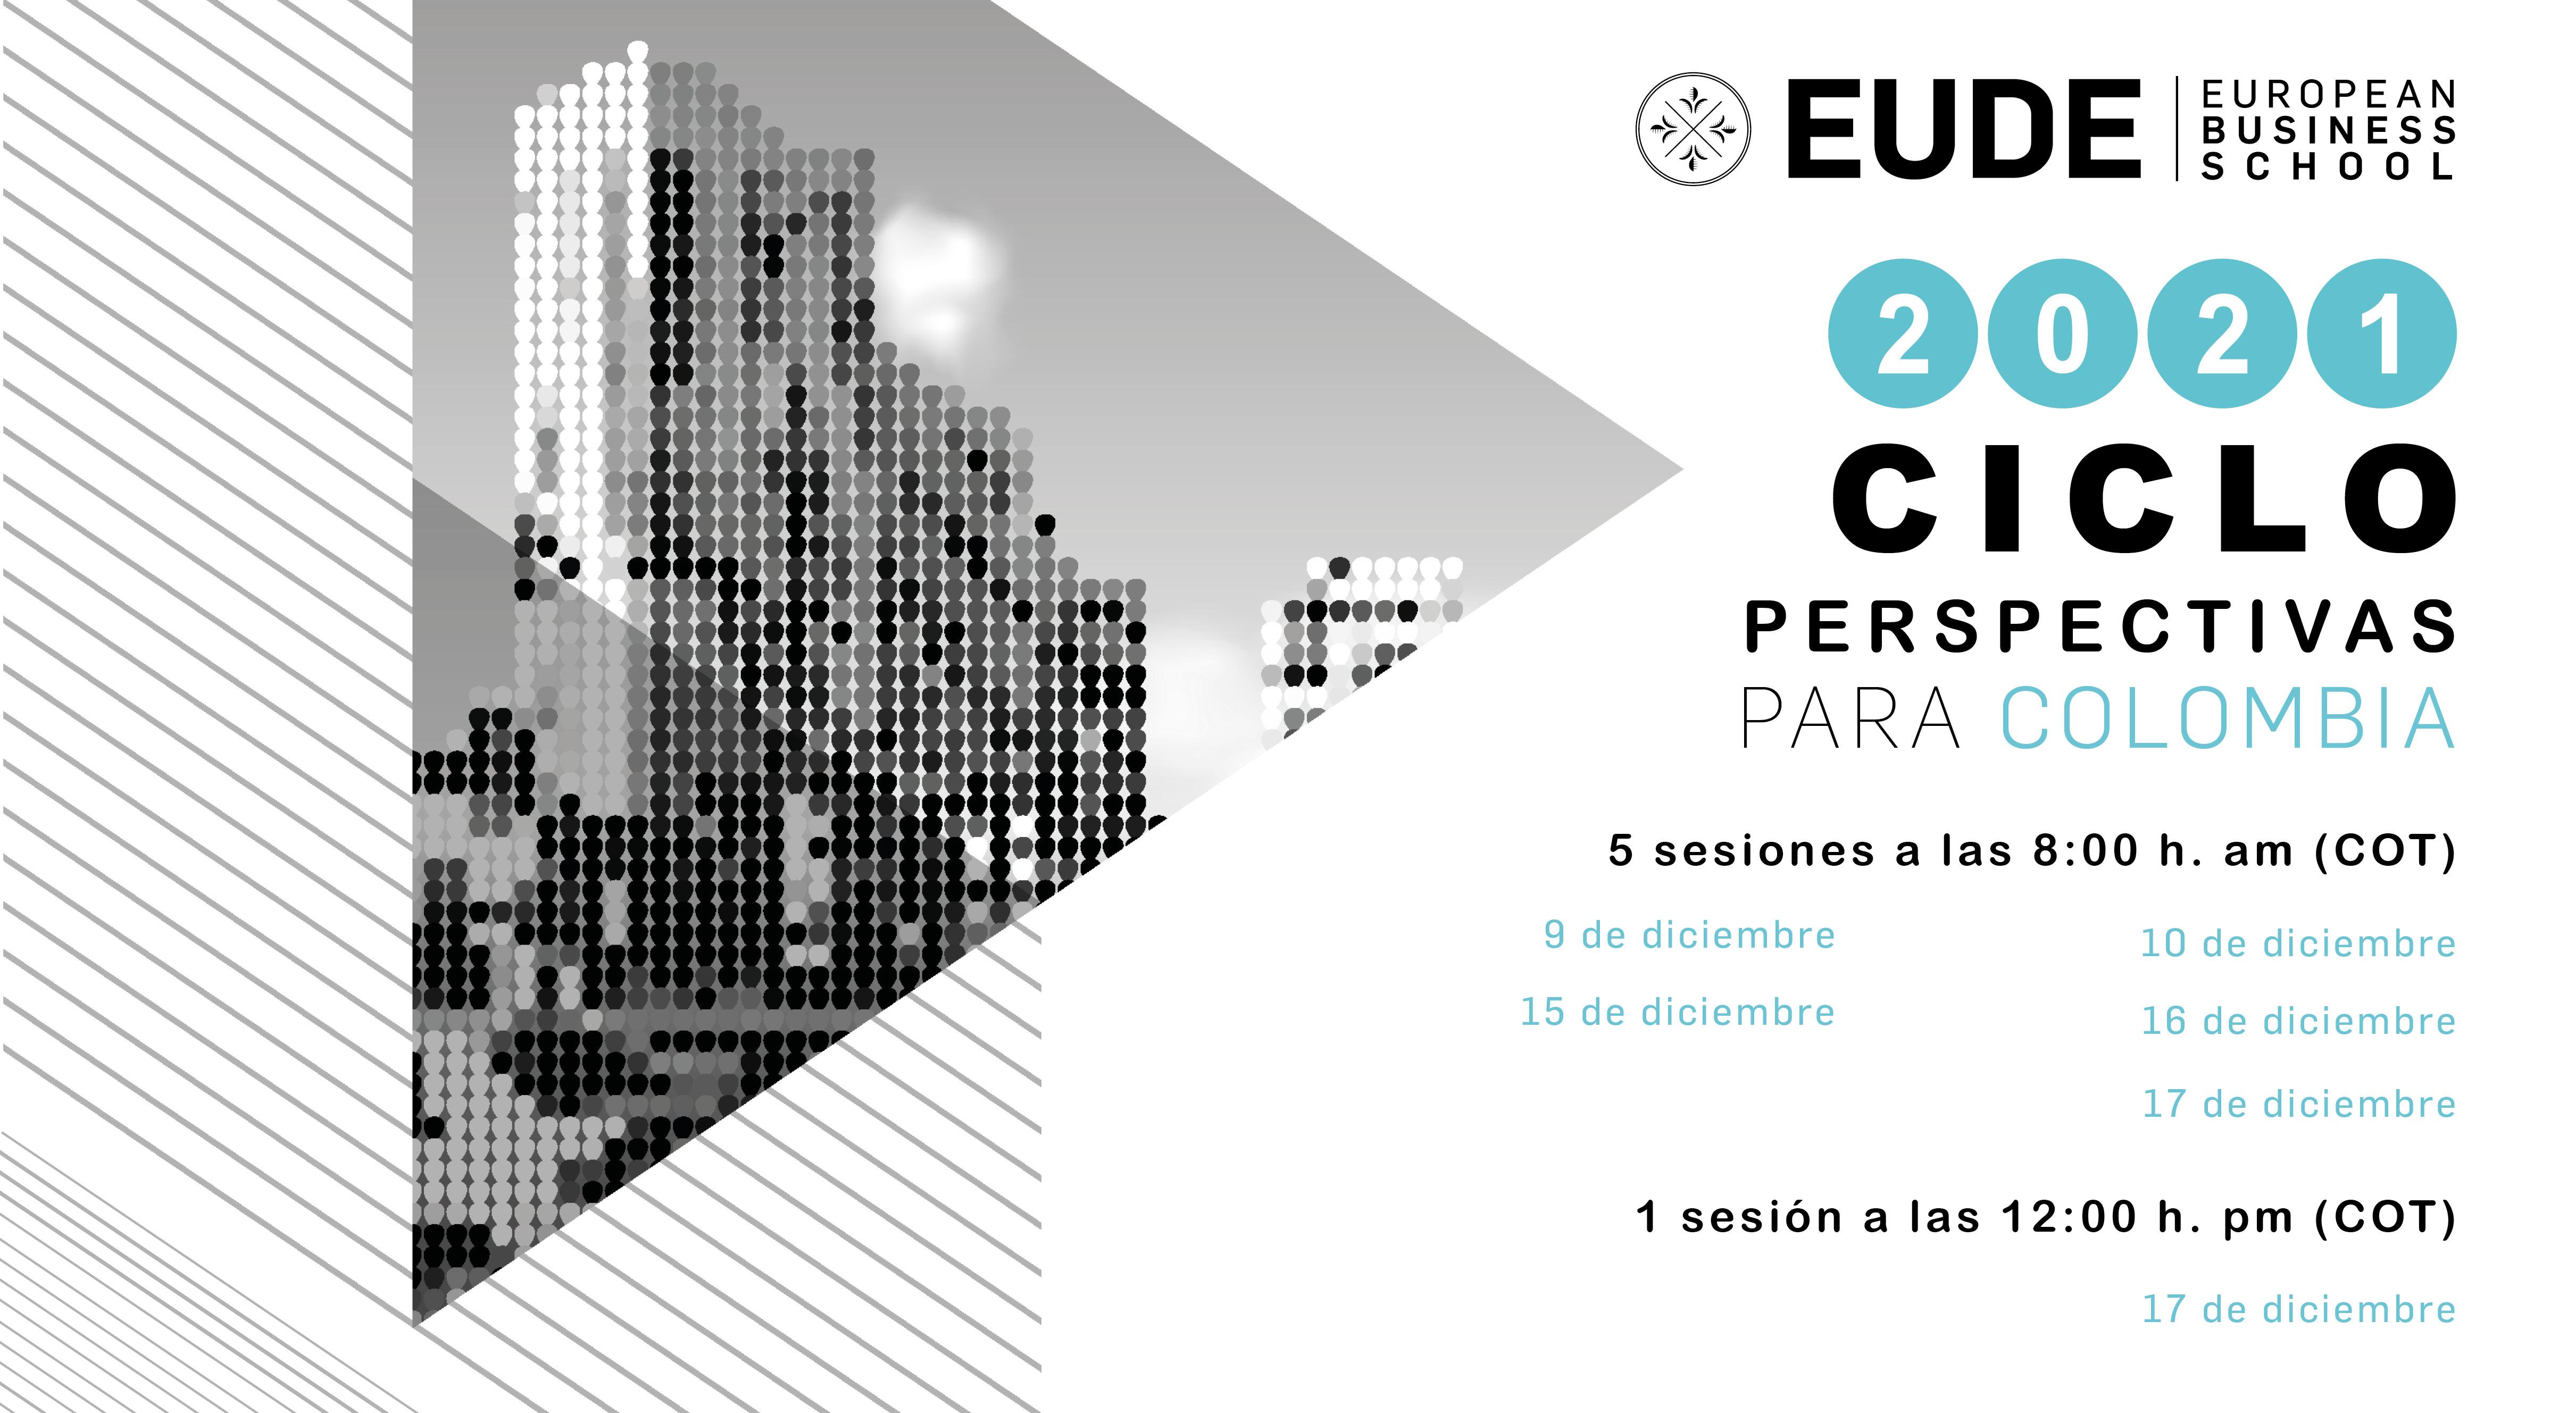 Foto - Ciclo Perspectivas para Colombia en 2021